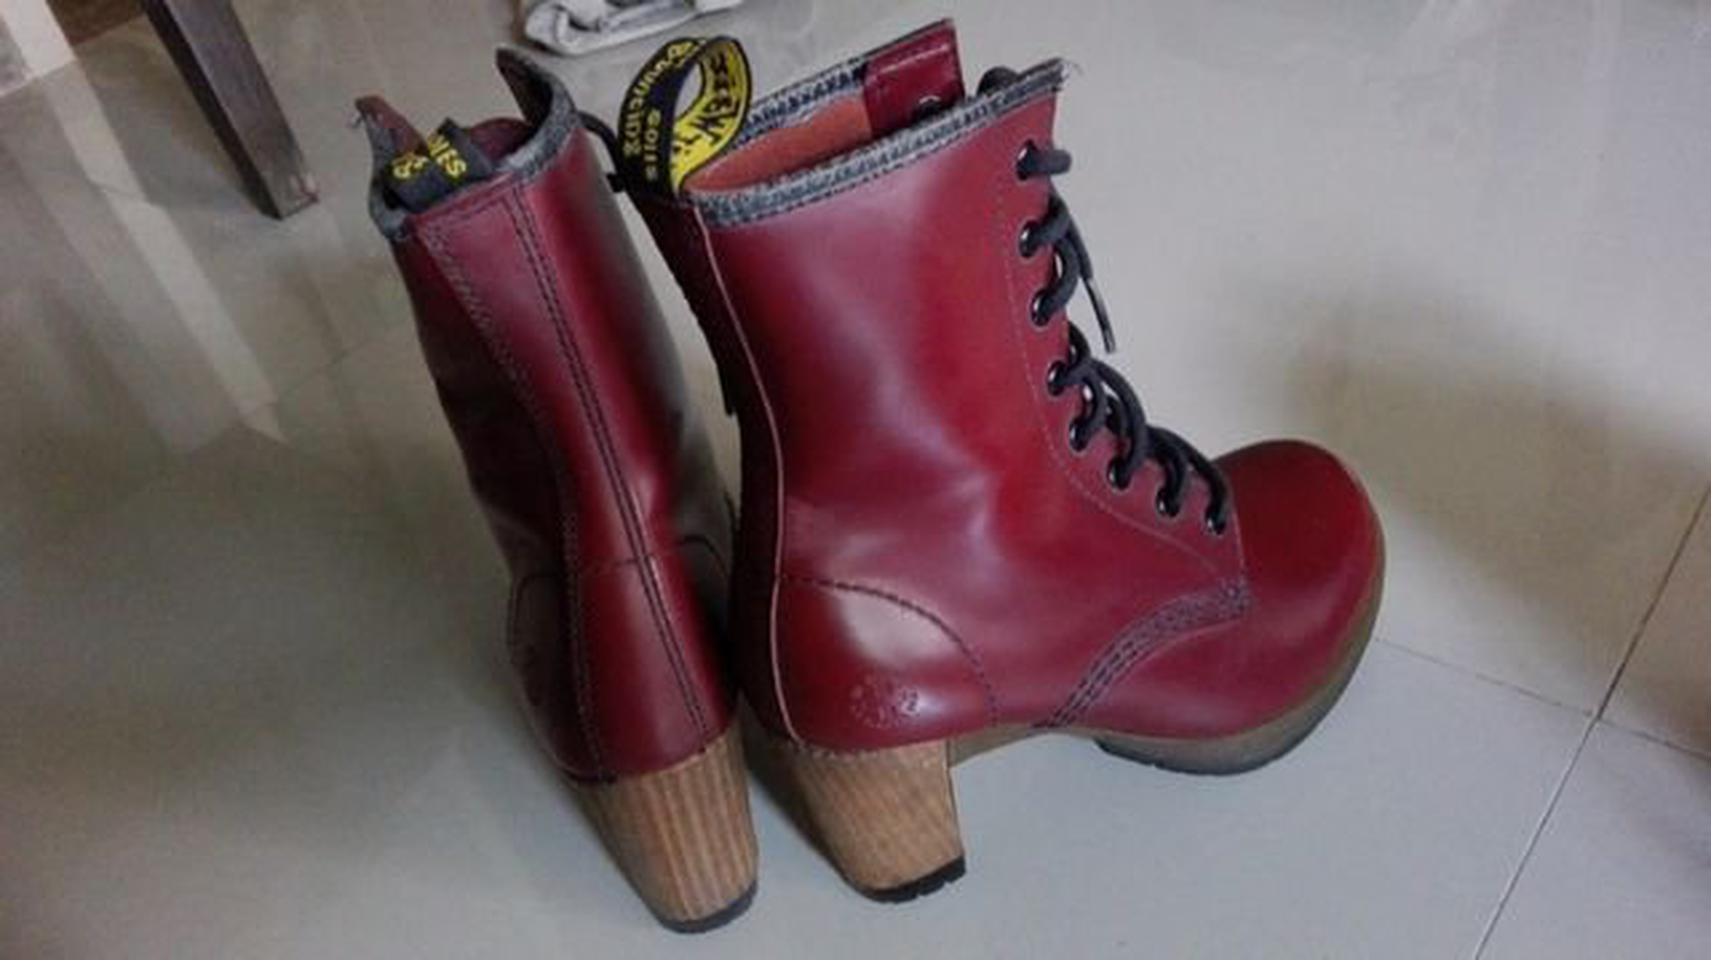 รองเท้า Dr. Martens SADIE High heeled ankle boots รูปที่ 1